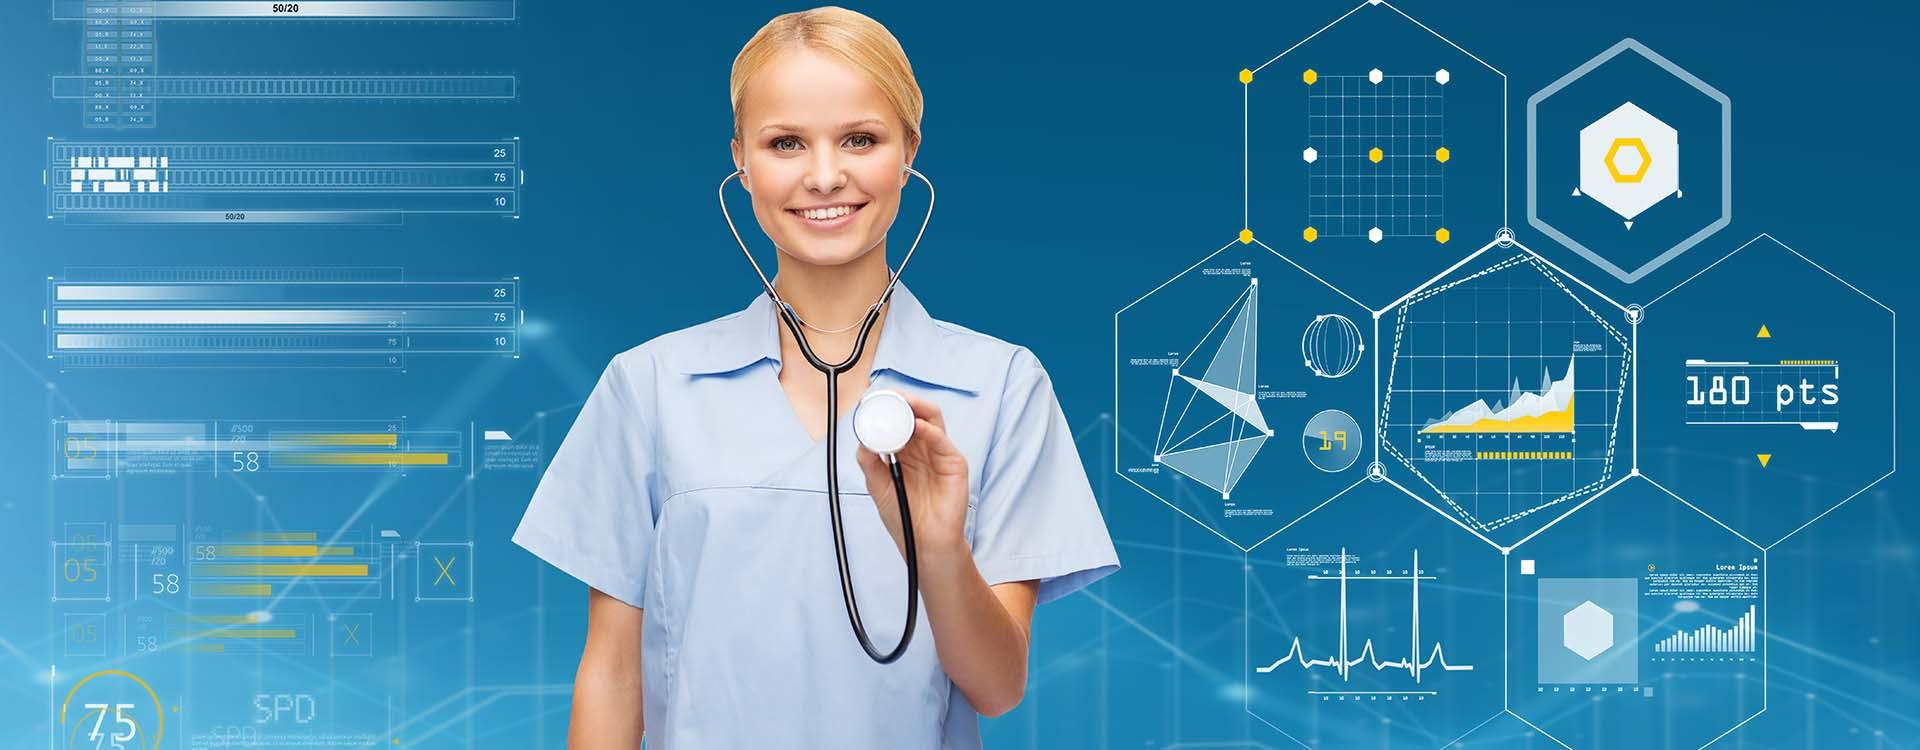 smiling female nurse with stethoscope